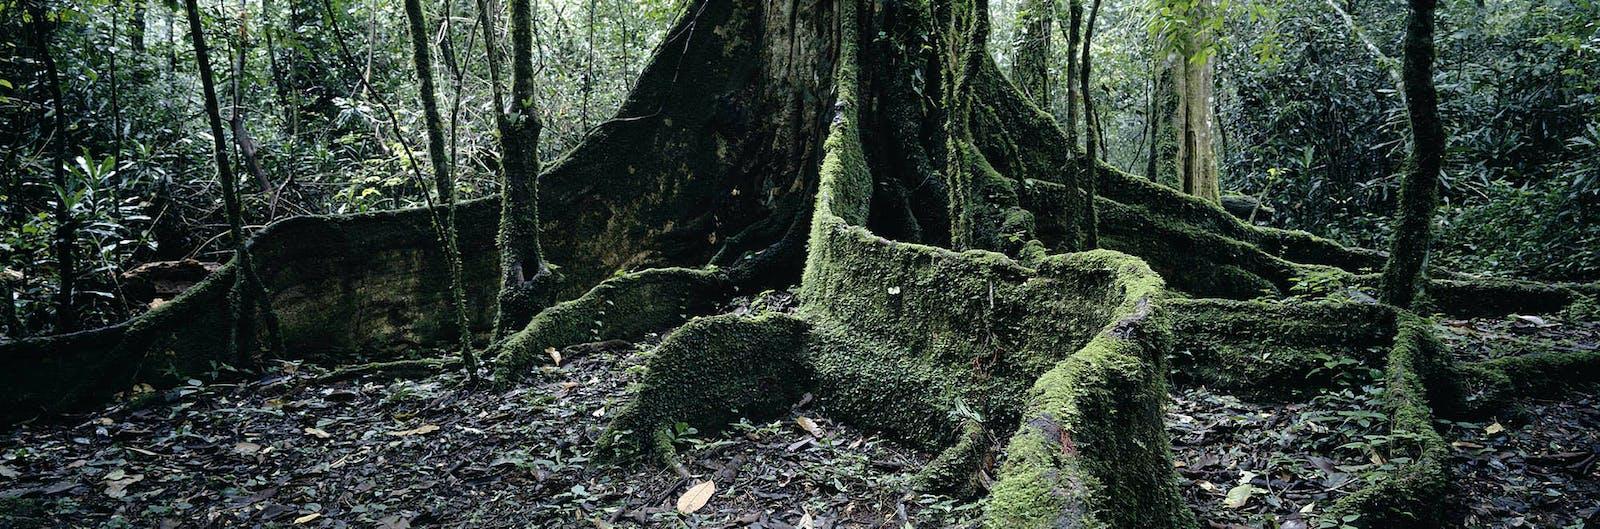 Northern Swahili Coastal Forests